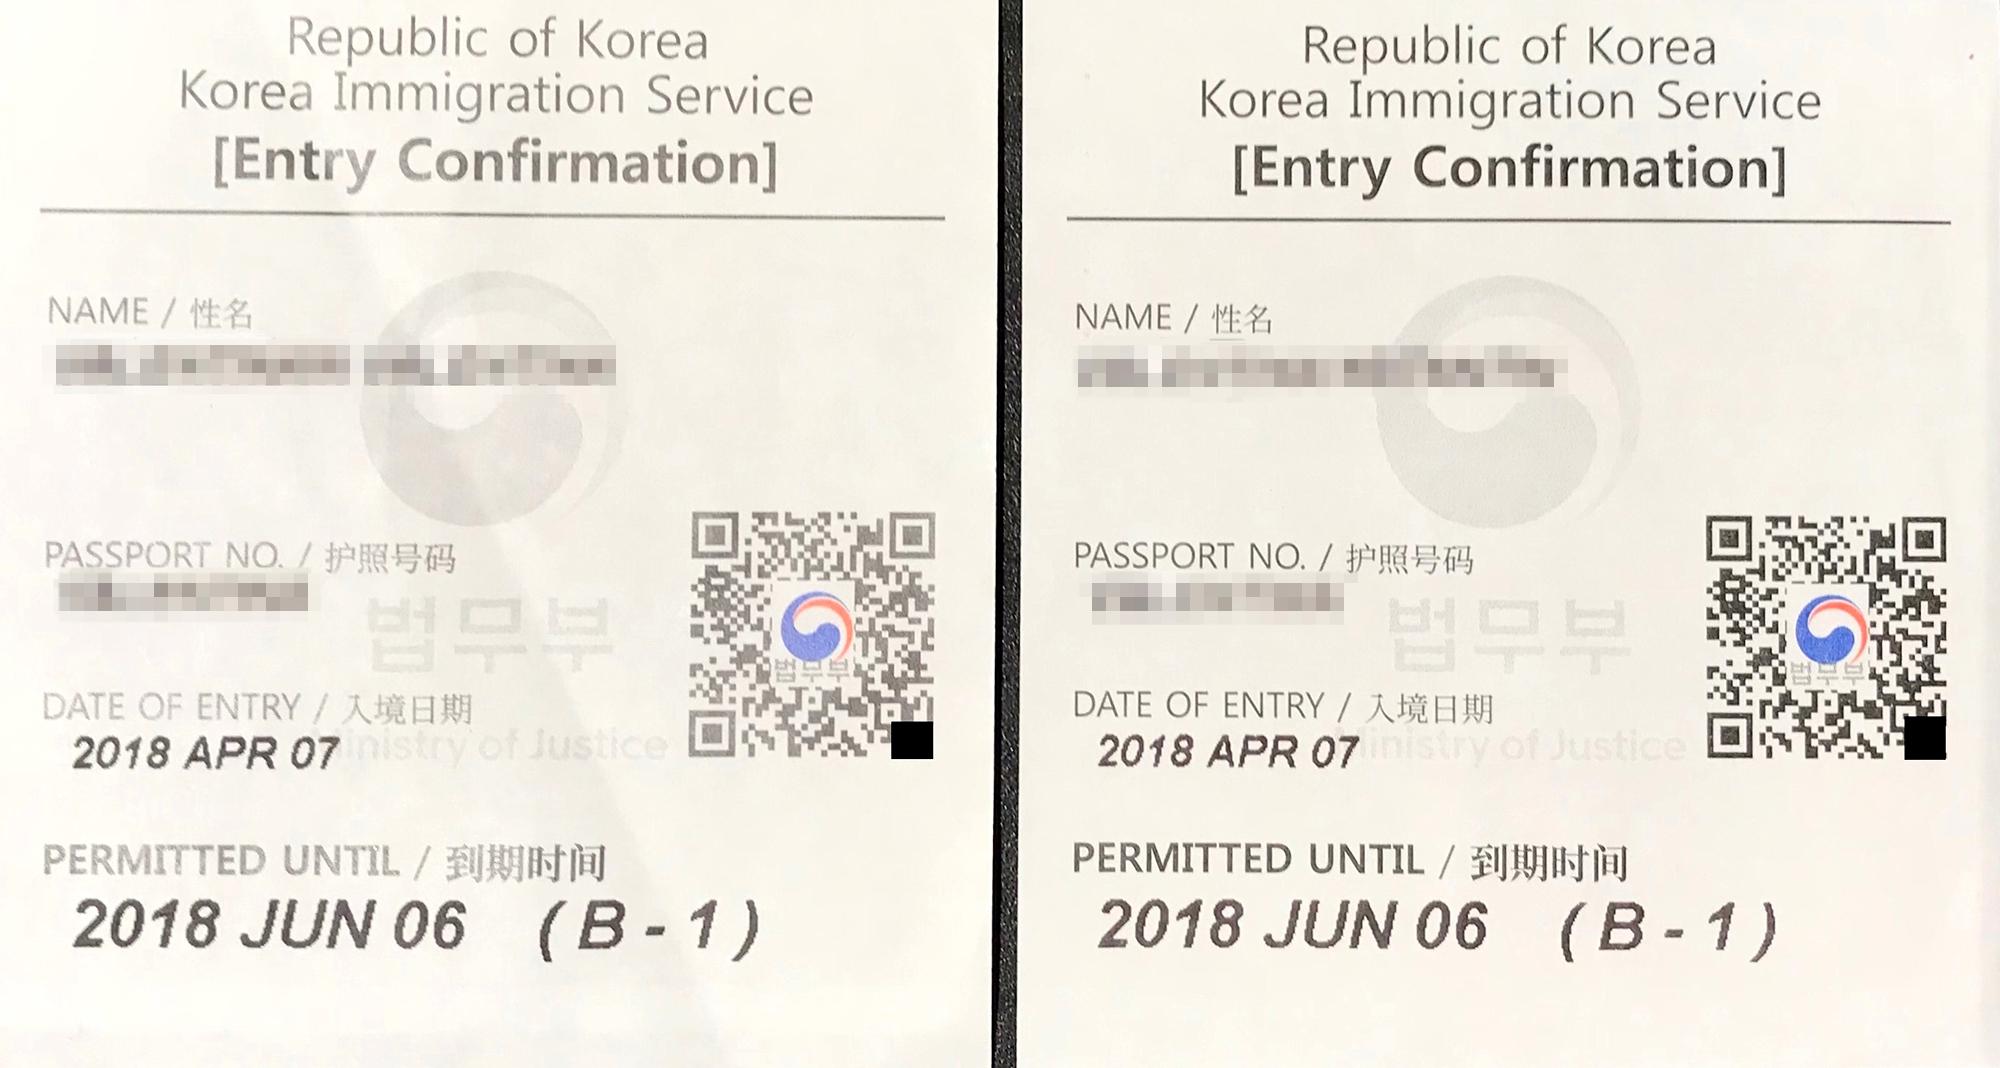 Бланки о въезде, на которых также указан срок максимального пребывания в Южной Корее